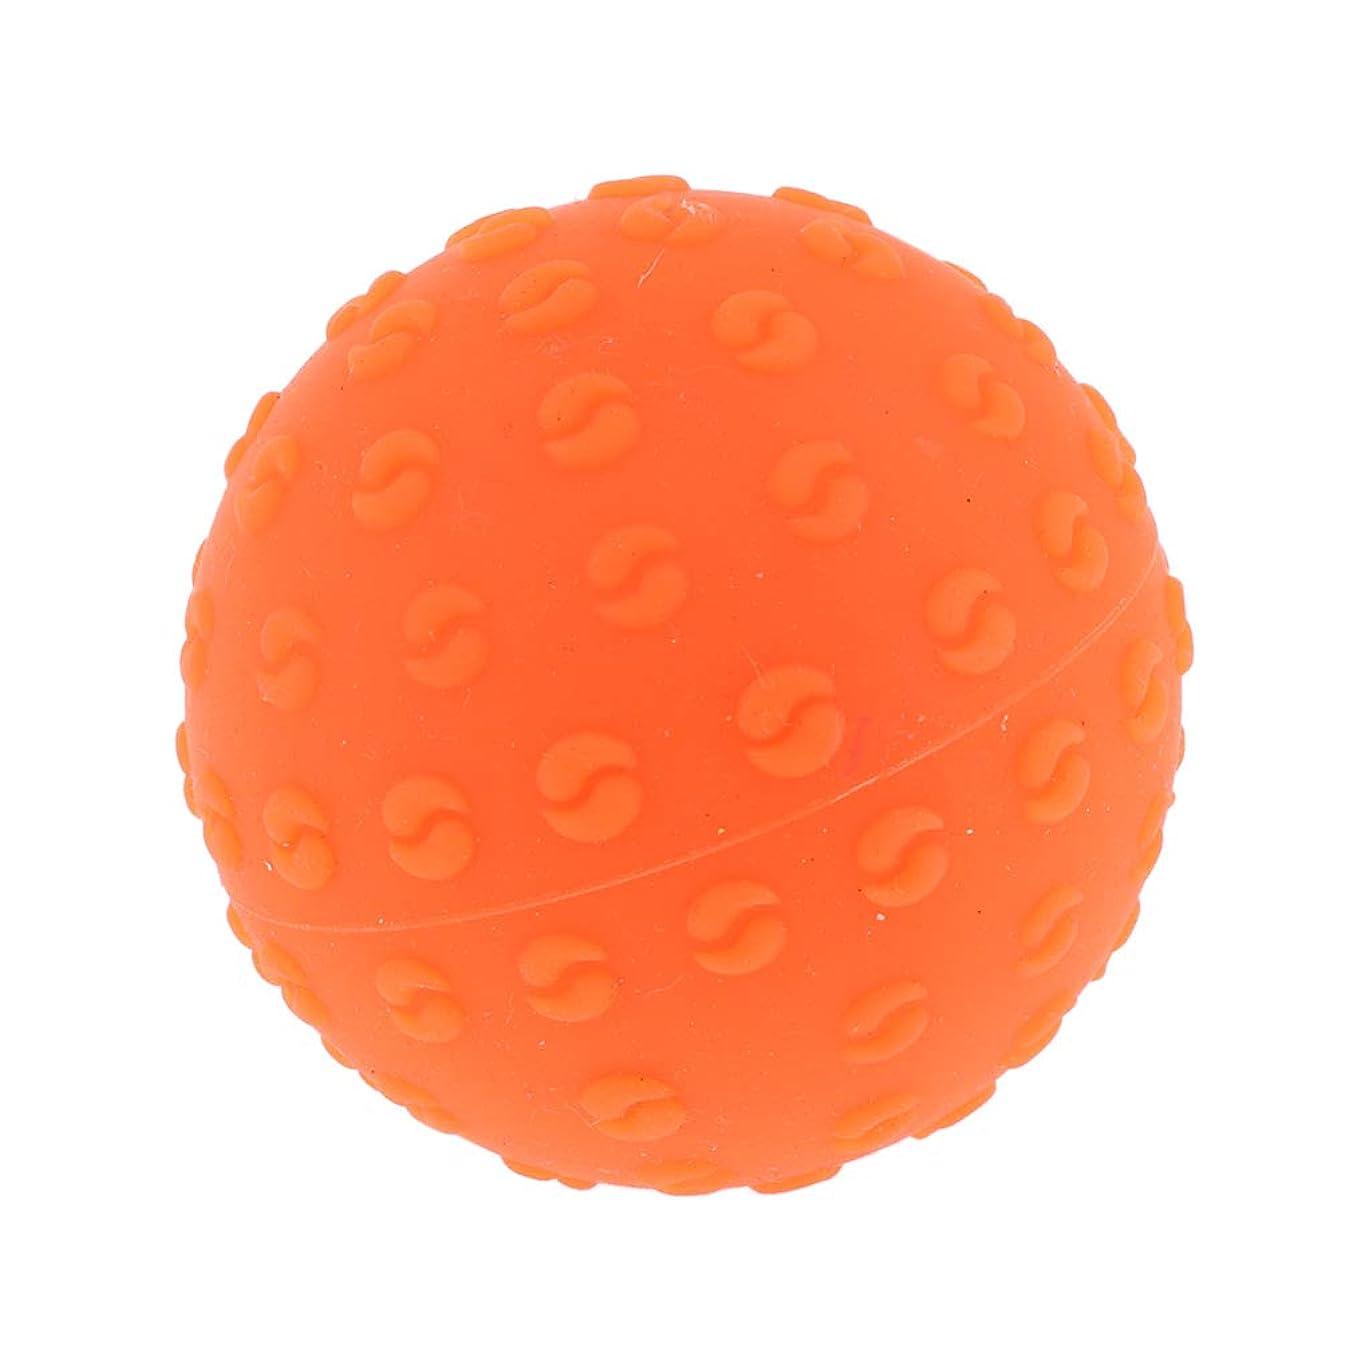 見出し炭素ペンス全6色 シリコーンマッサージボール 指圧ボール トリガーポイント ヨガ 肩、足、首、腕 解消 耐摩耗 - オレンジ, 説明のとおり